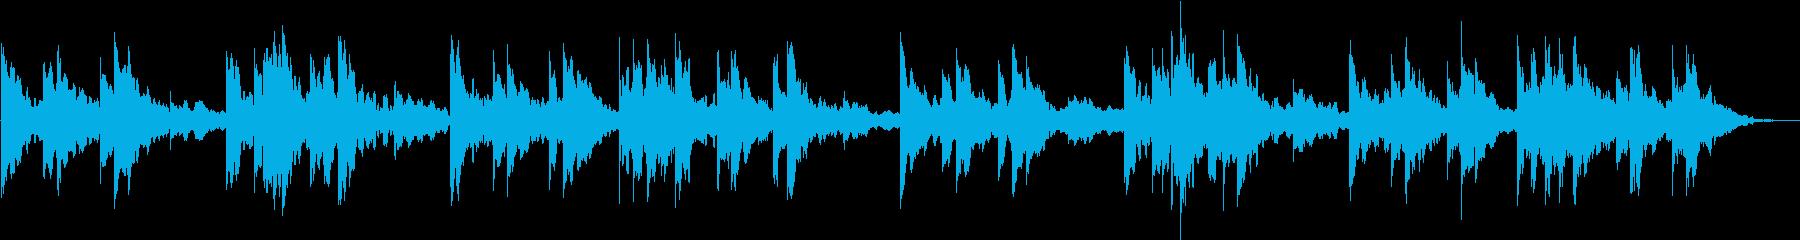 悲しいベル(loop仕様)の再生済みの波形